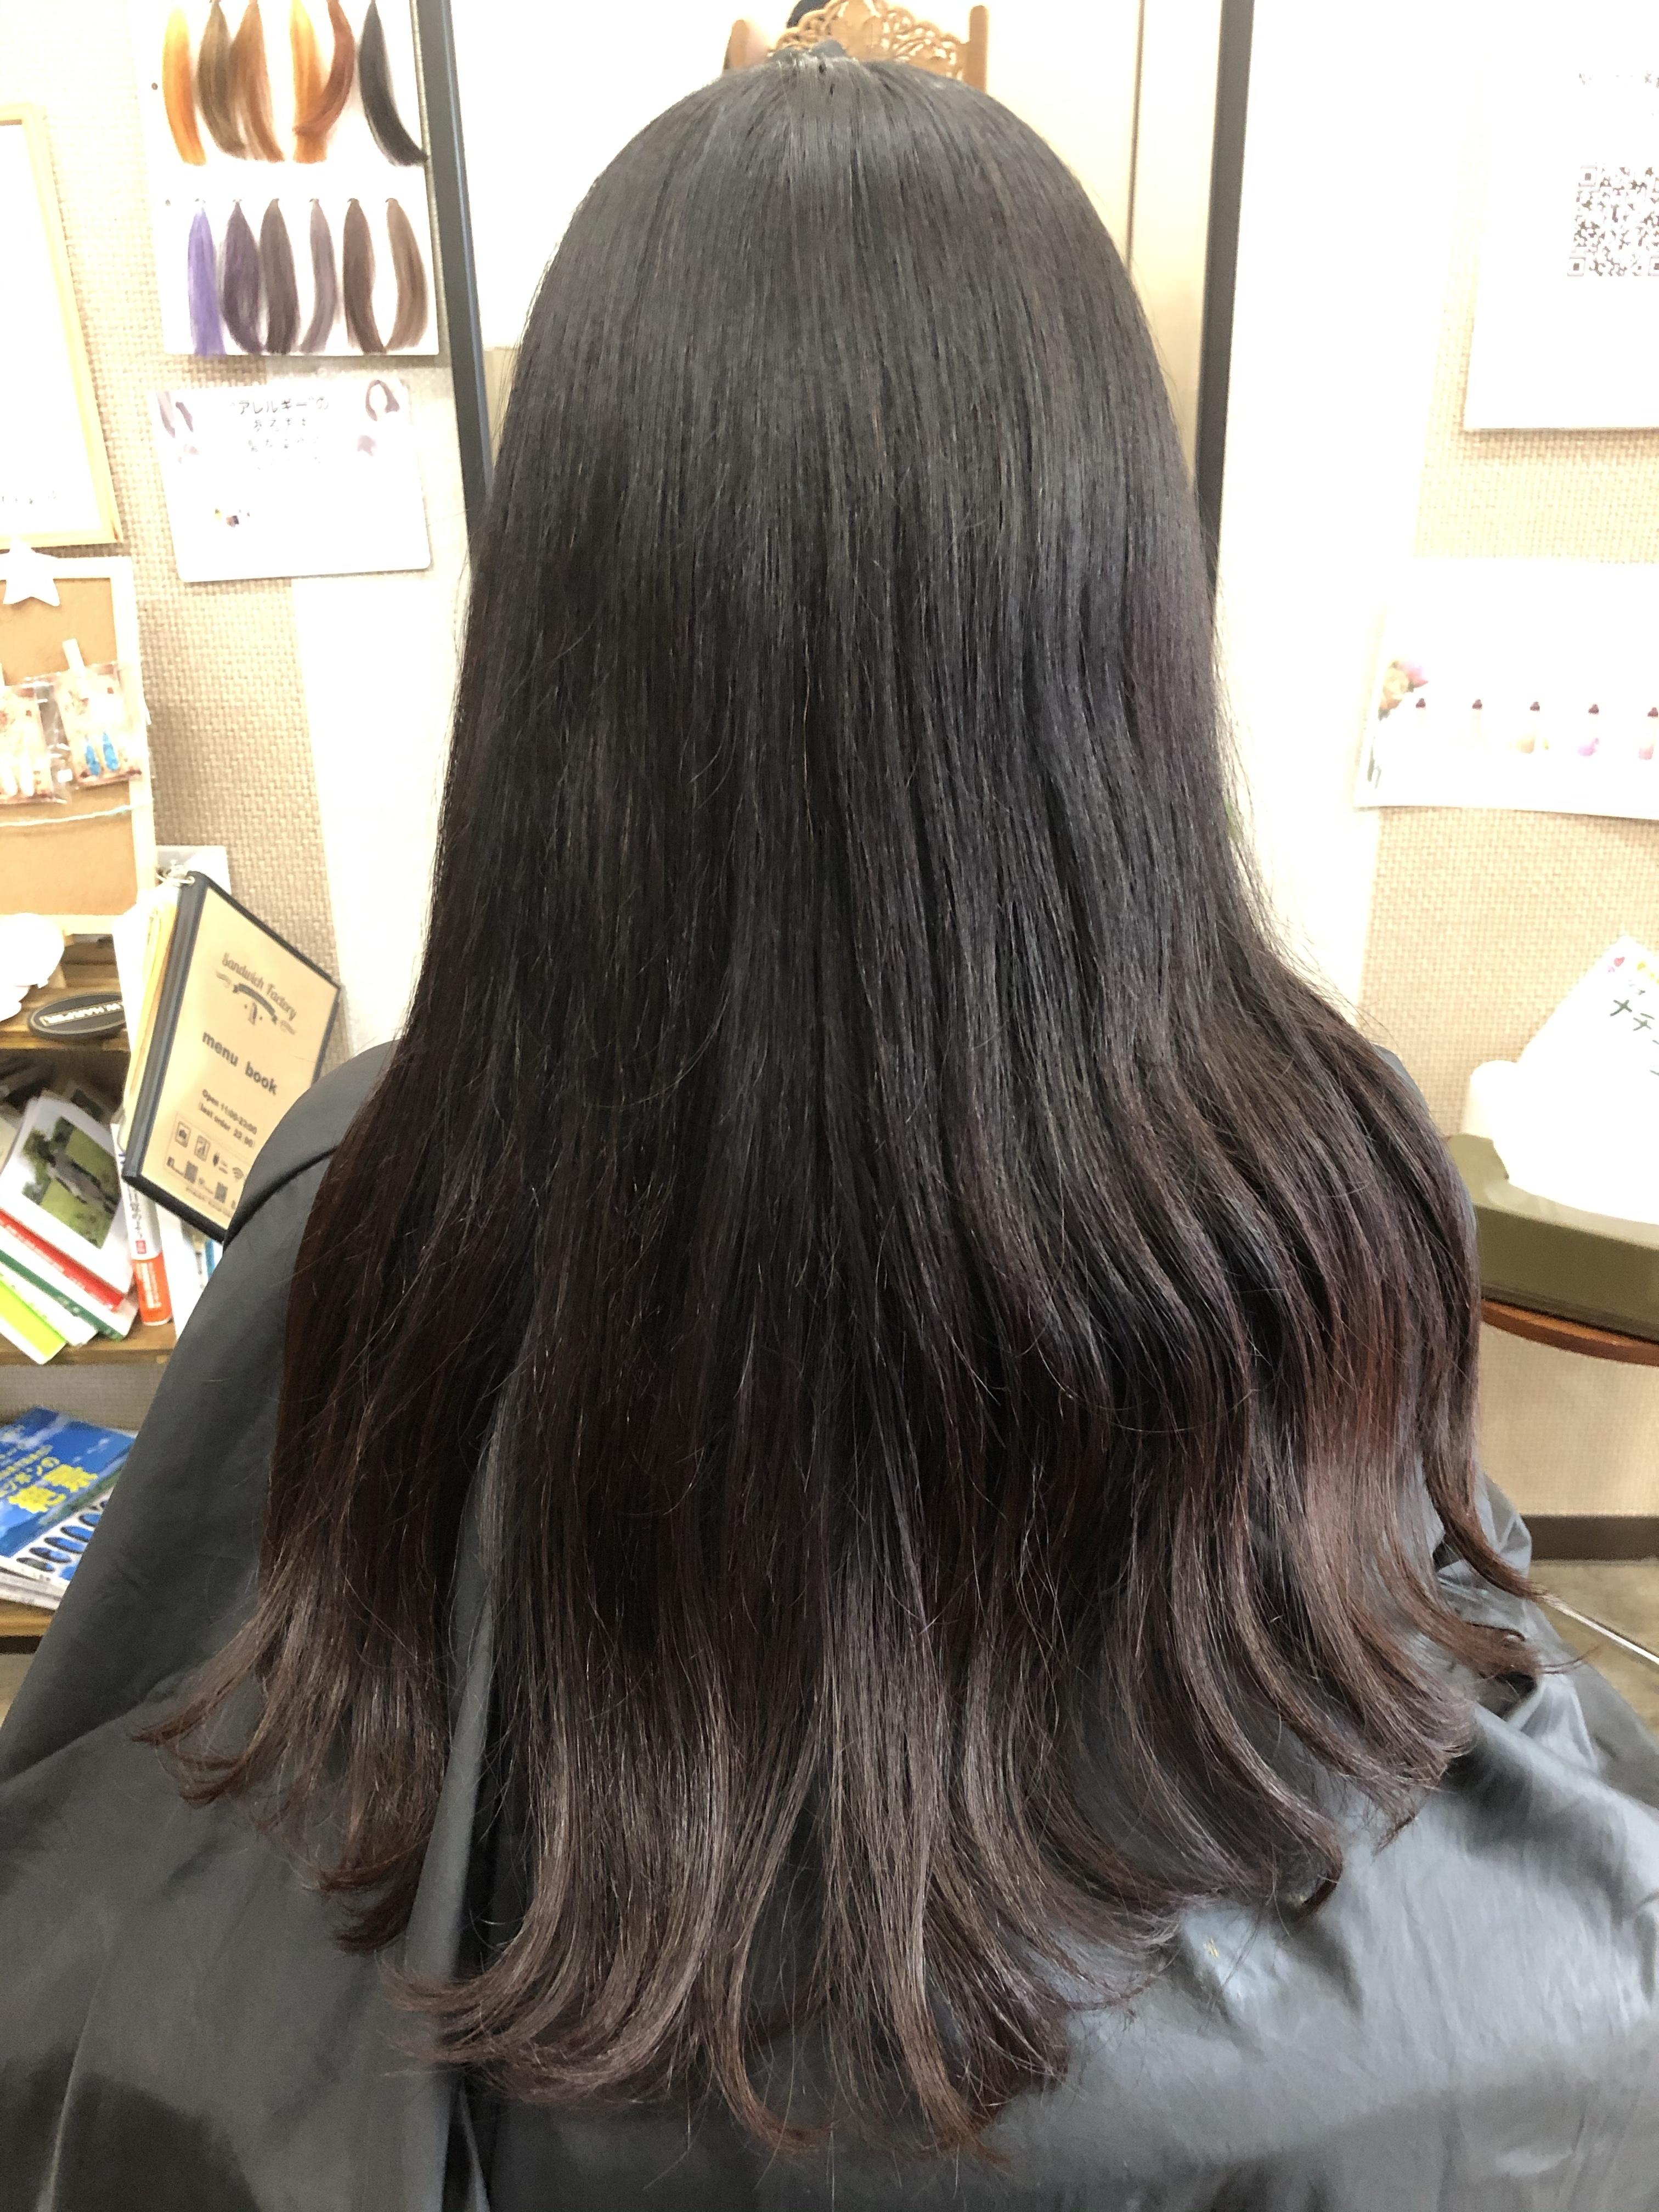 埼玉県でハナヘナ染めを続けた結果